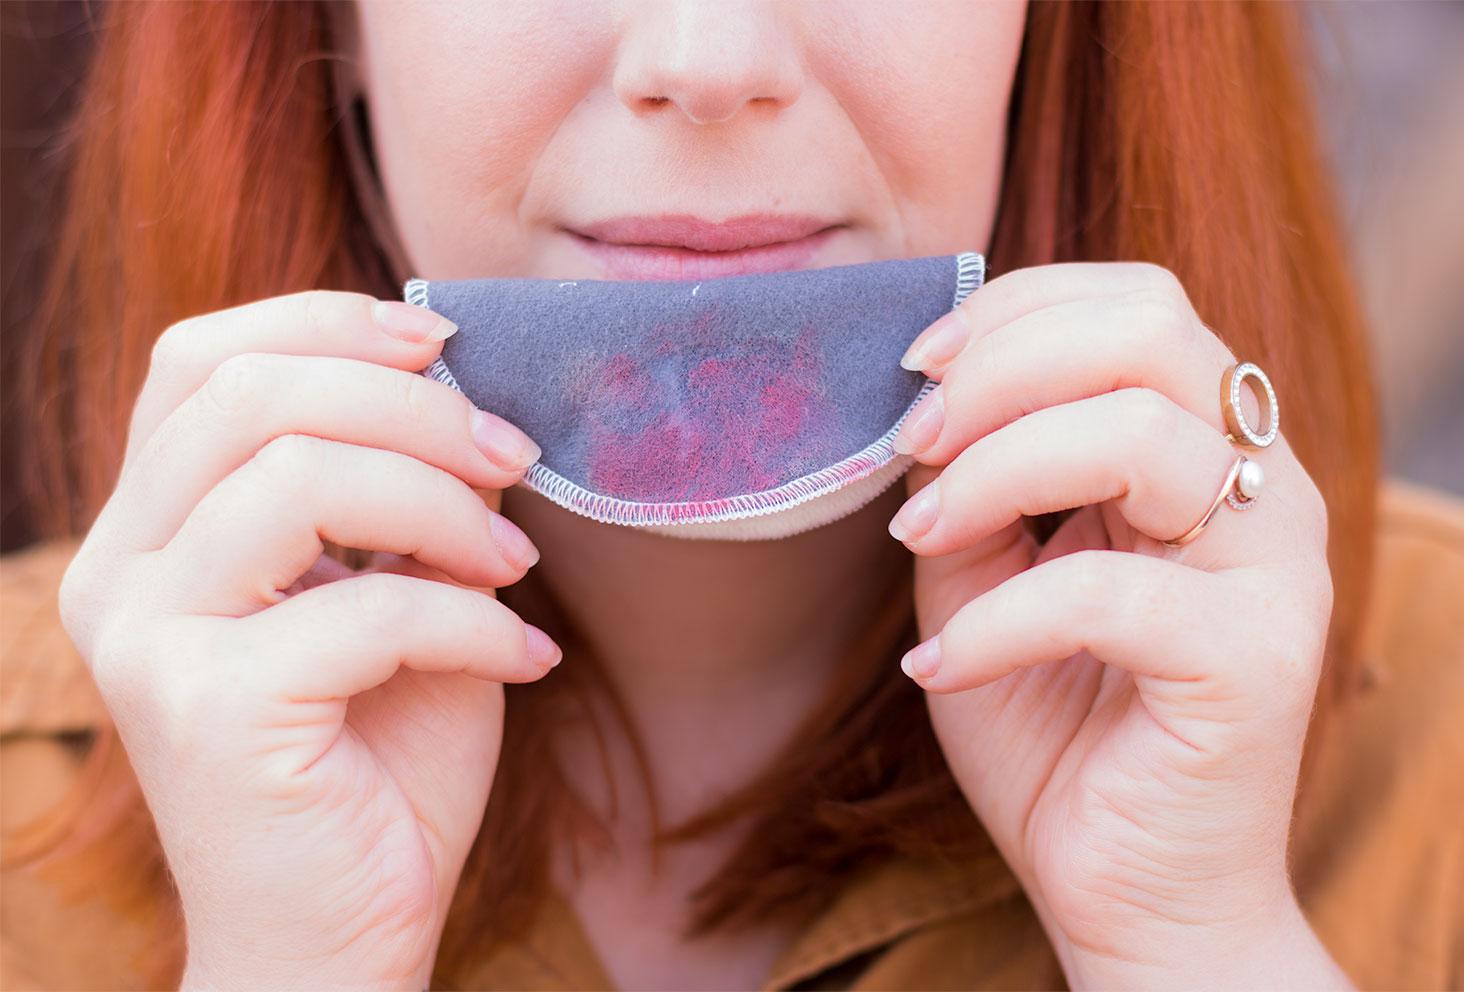 Résidus de rouge à lèvres sur le disque démaquillant lavable de la marque Plim, entre les mains devant la bouche démaquillée